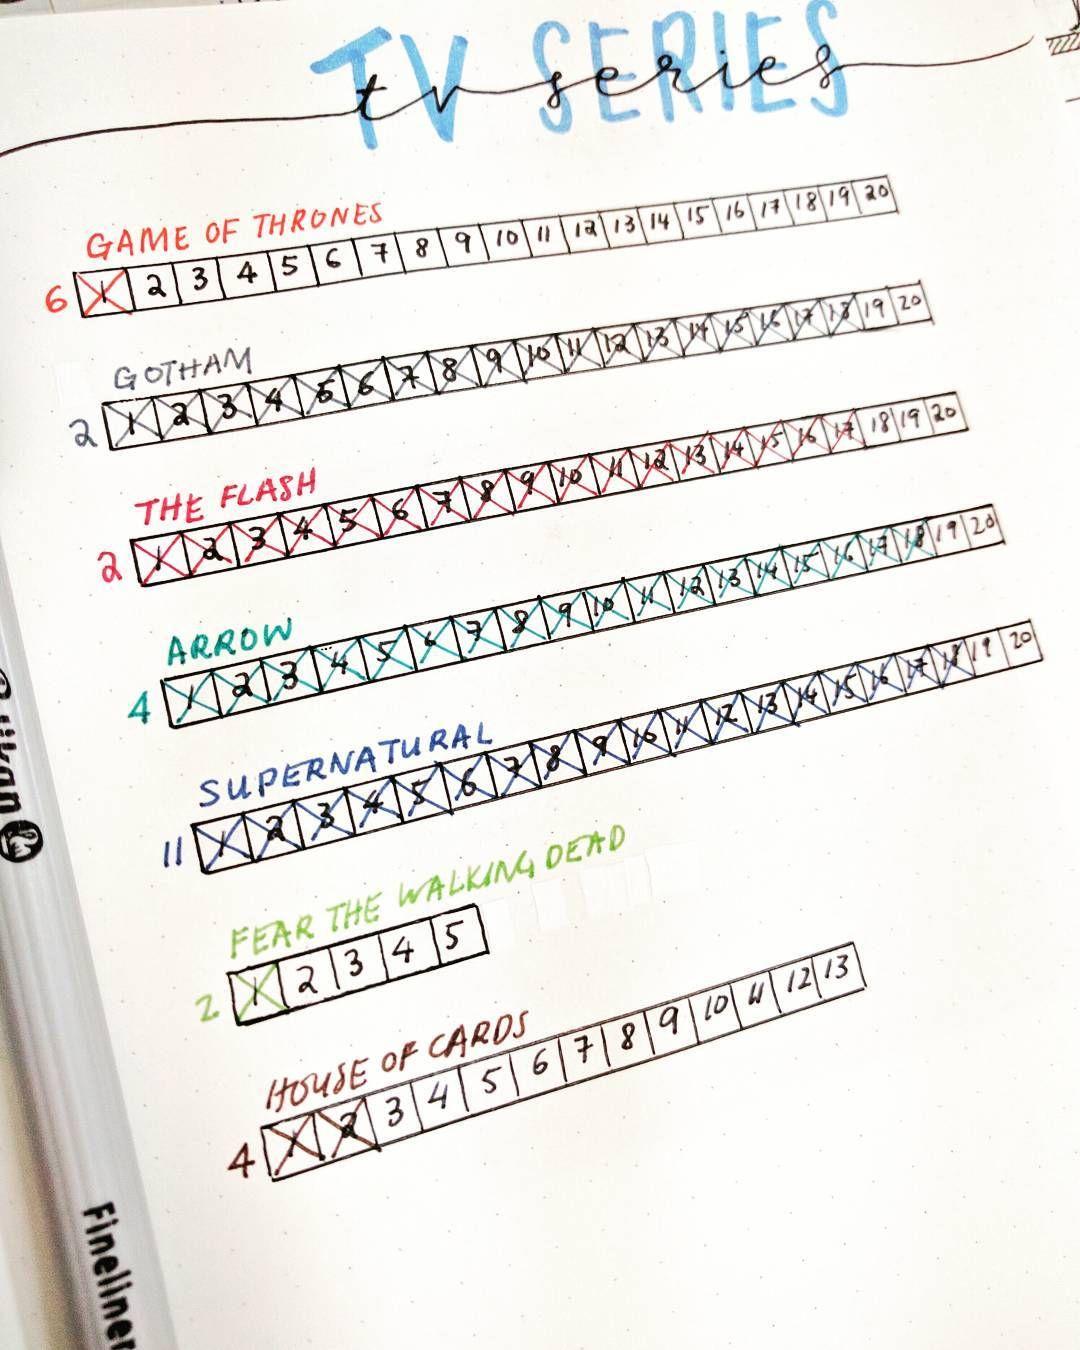 """Egy egyszerű módja követni, hogy hol tartasz valamilyen """"feladattal"""", hogy felírod a leckéket, a lépéseket, jelen esetben a részek számát. Nem csak TV sorozatok esetében lehet használni ezt a megoldást."""